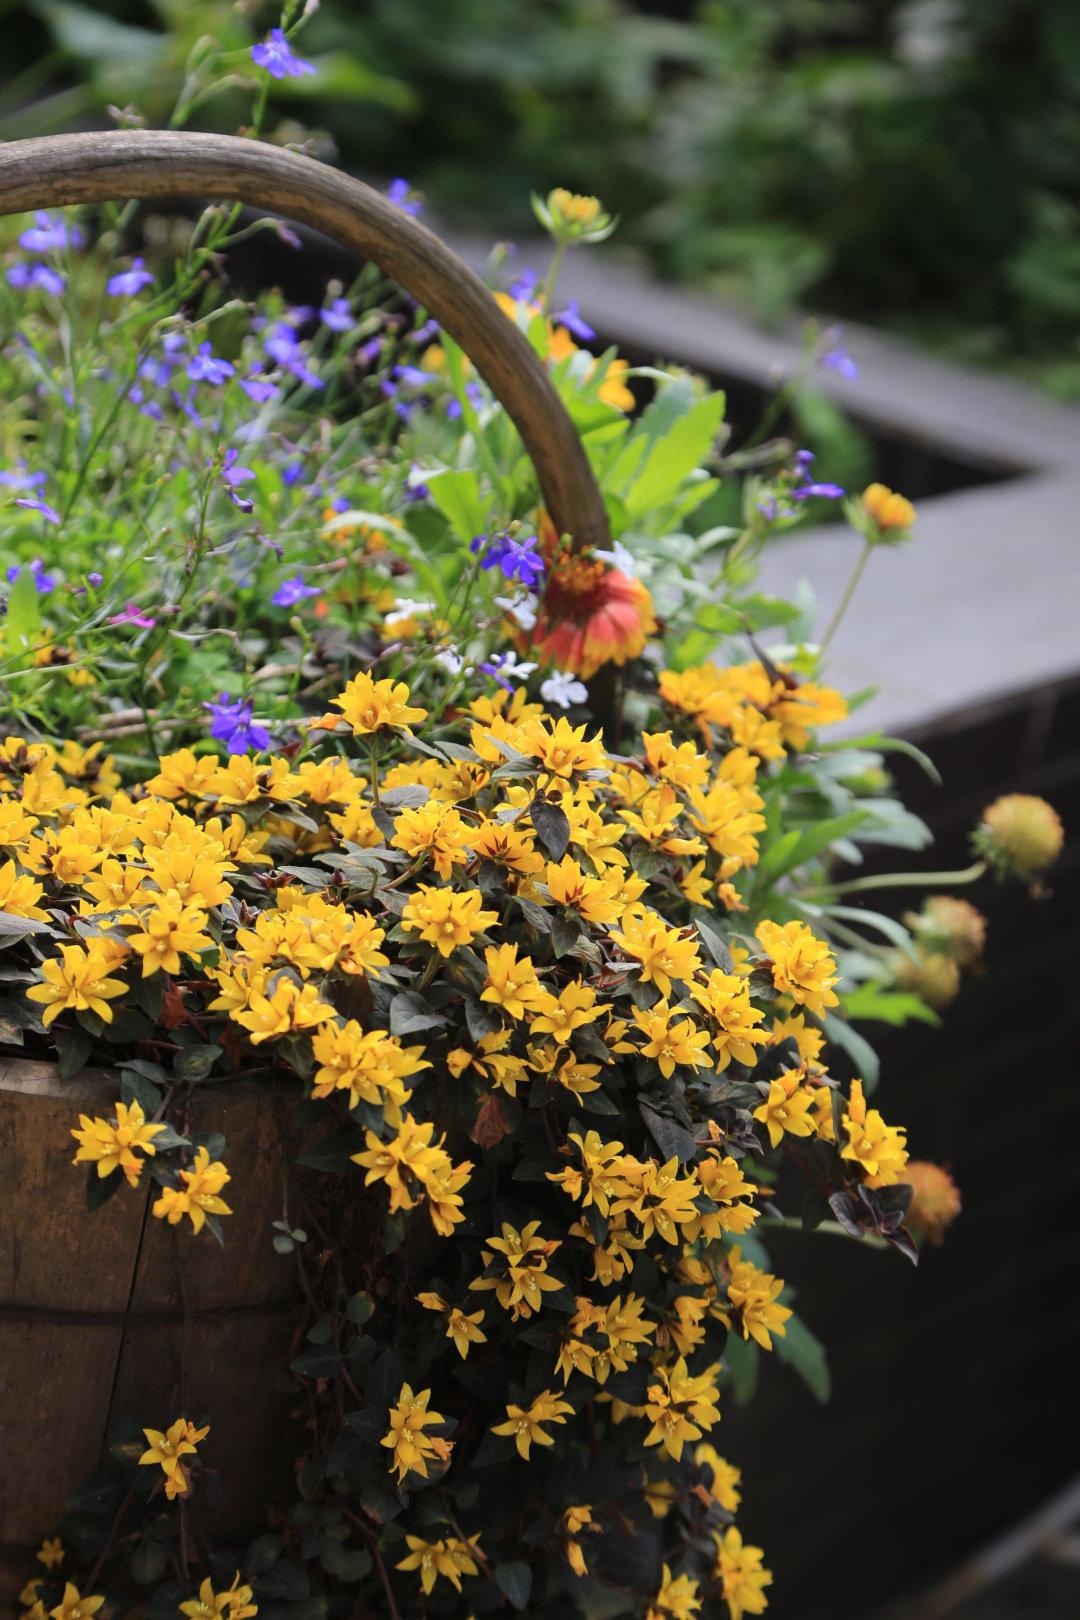 """Khu vườn quanh năm chỉ có """"mùa xuân"""" ở lại của cô giáo dạy Toán xinh đẹp - Ảnh 11."""